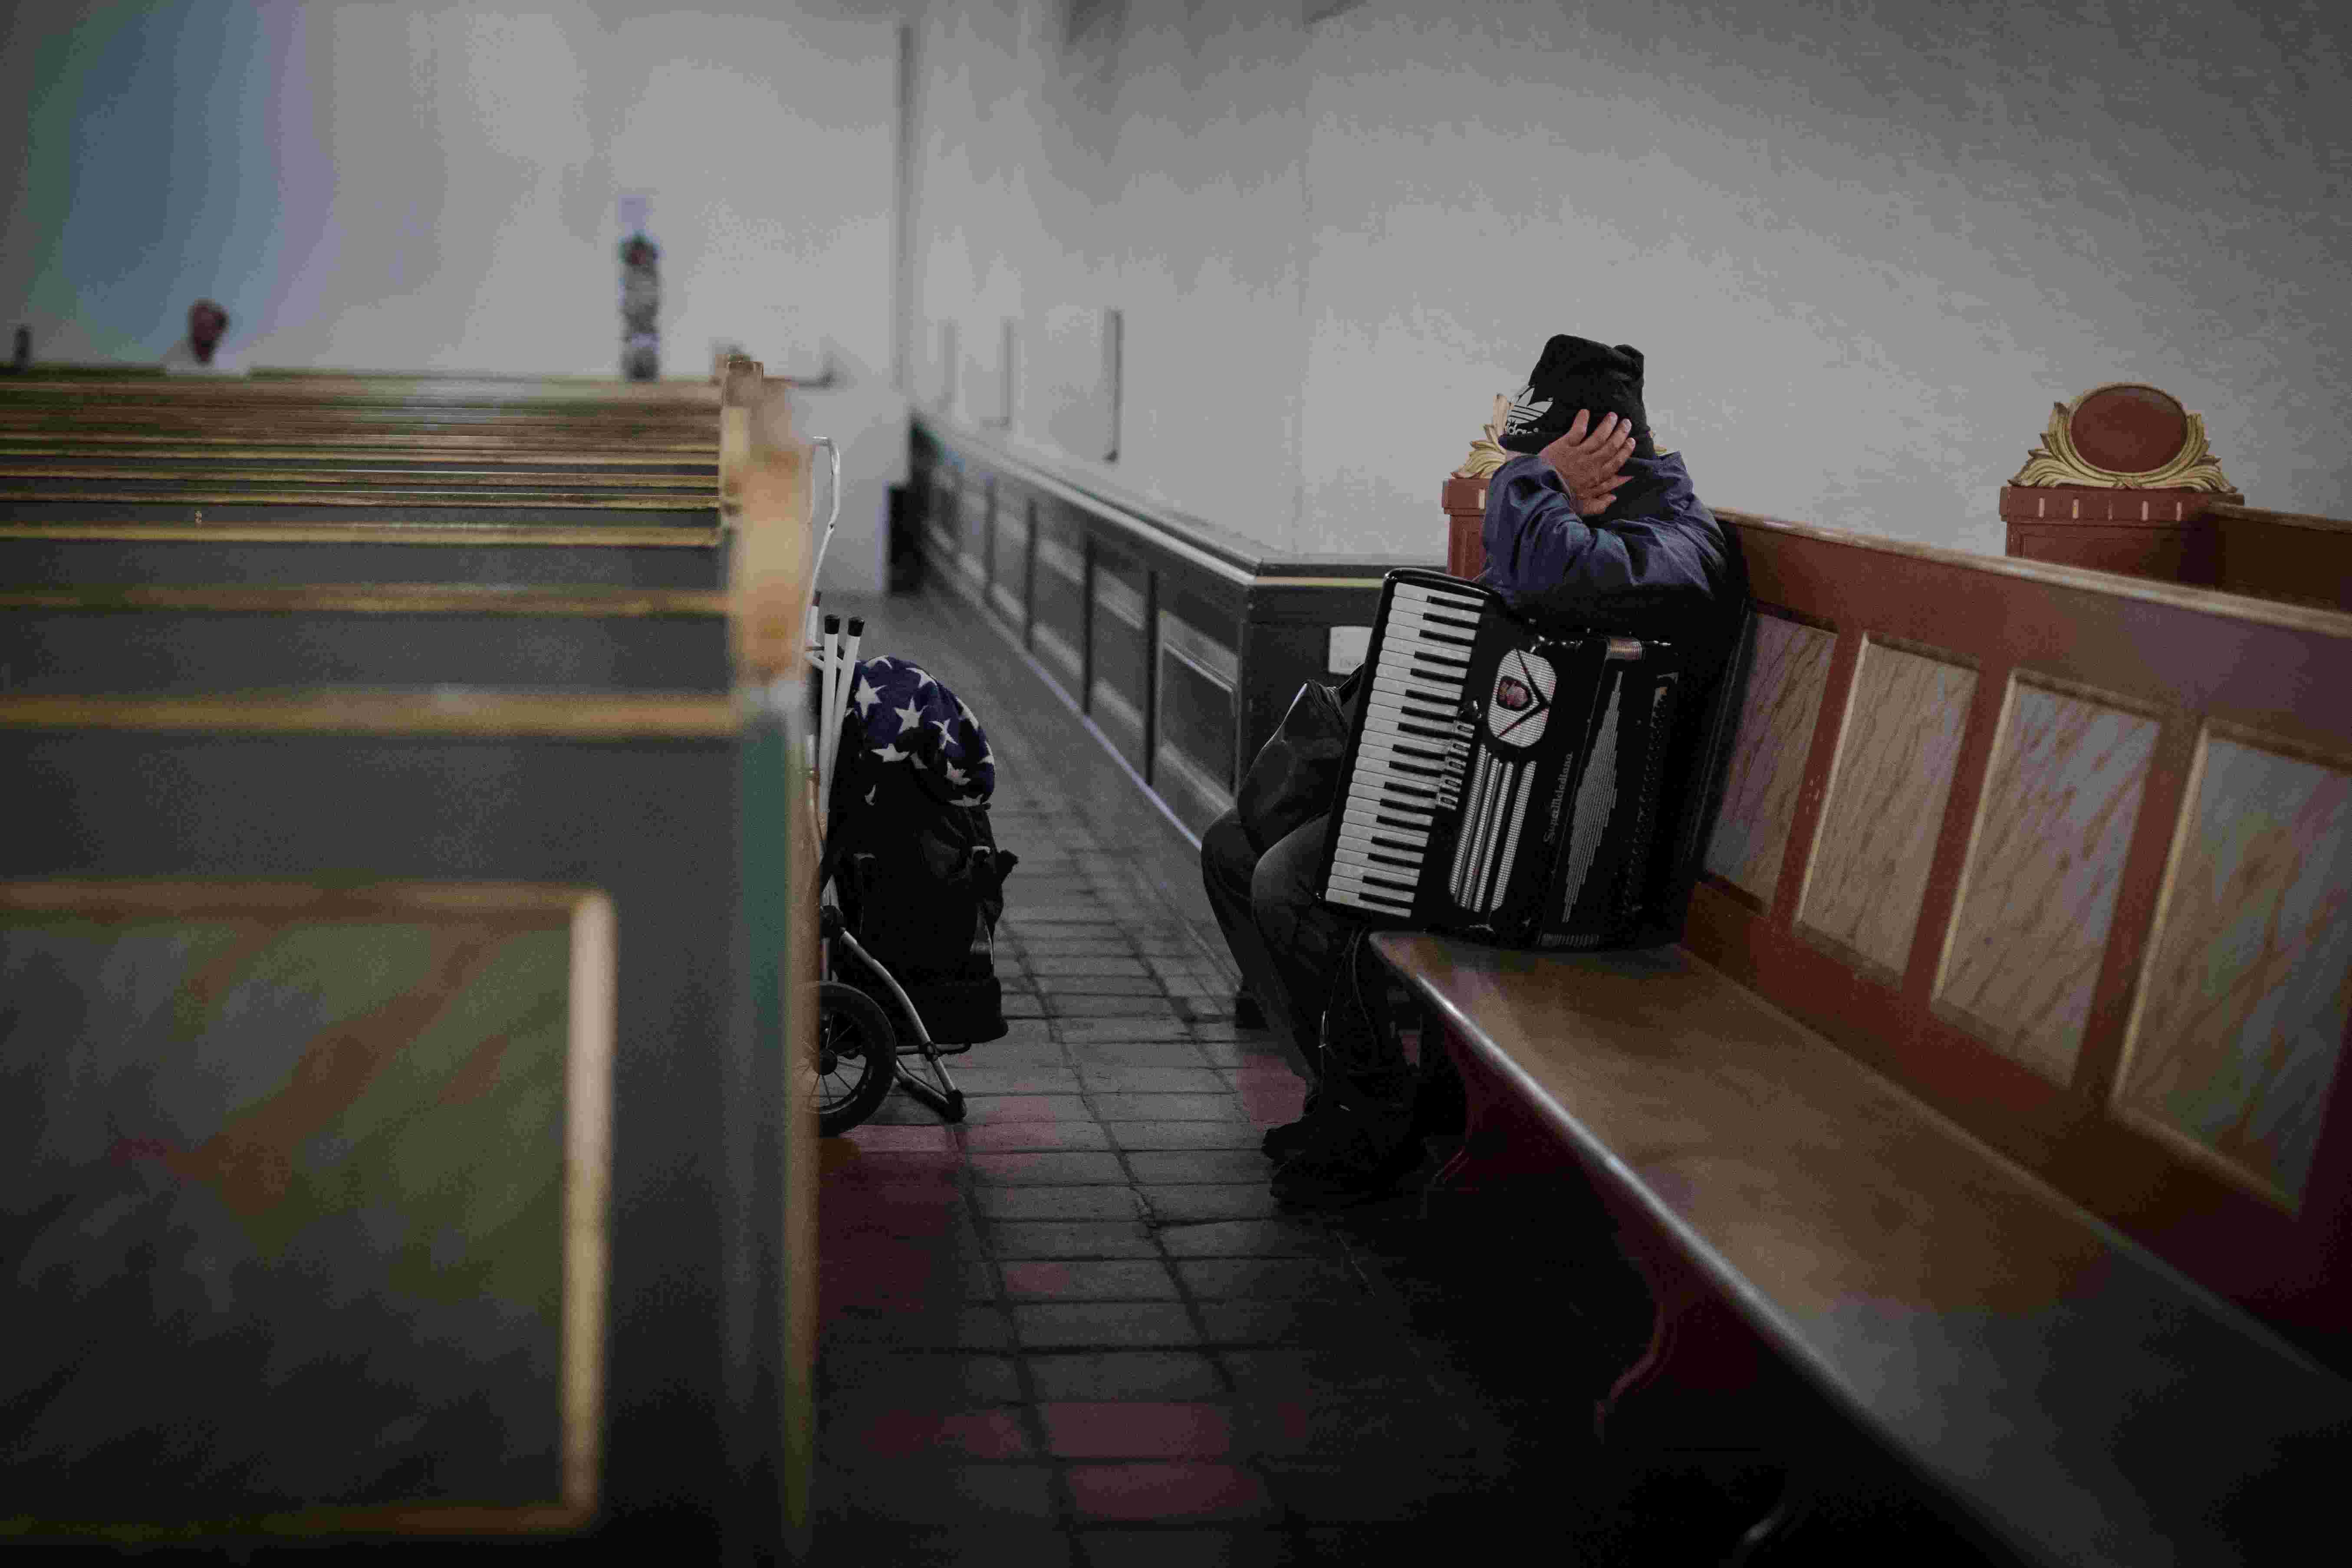 Mann med trekkspill hviler på kirkebenk